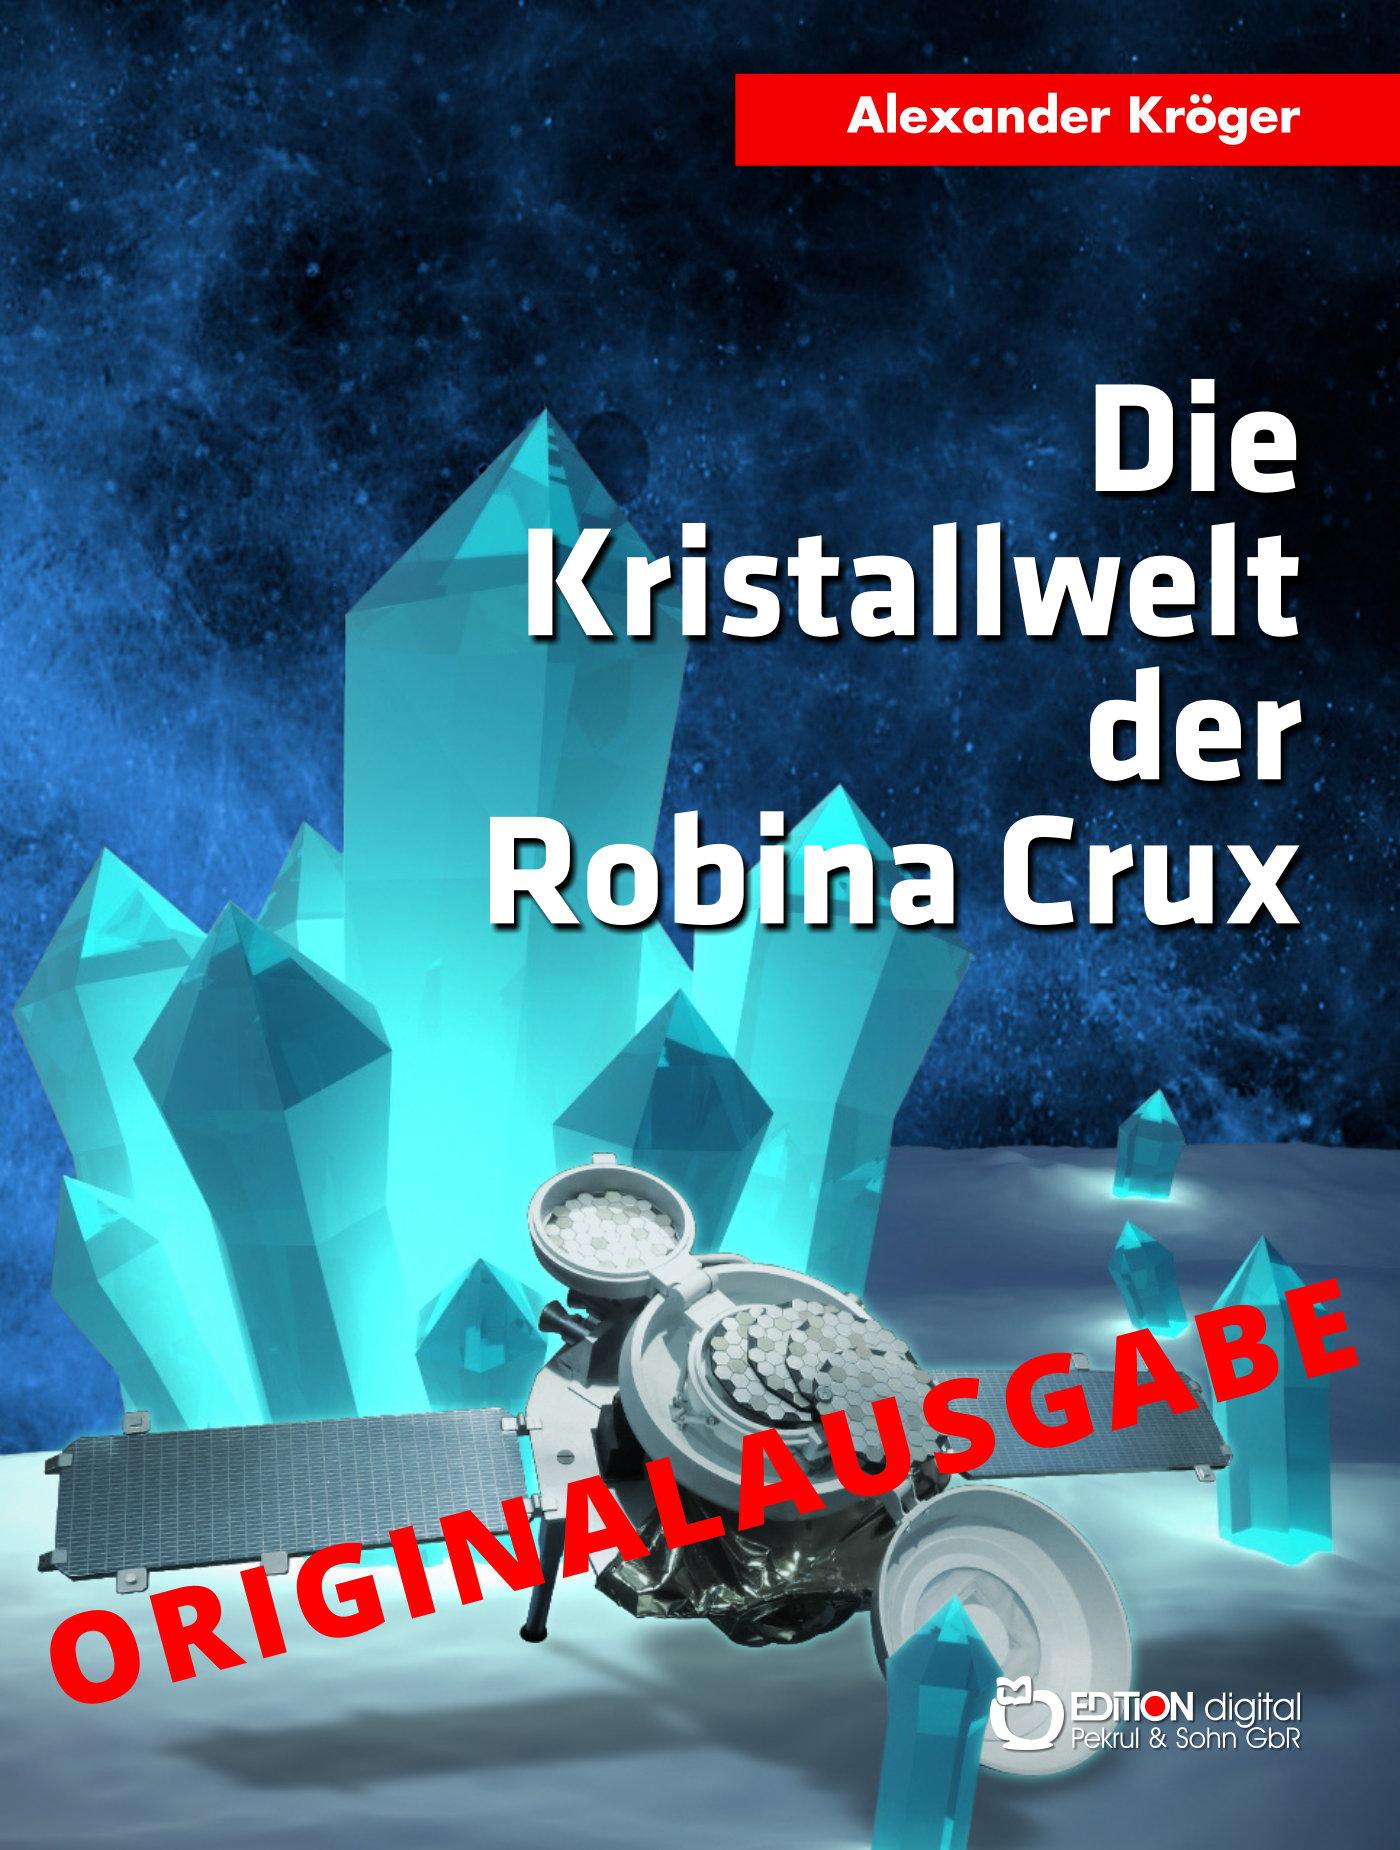 Die Kristallwelt der Robina Crux - Originalausgabe.Wissenschaftlich-phantastischer Roman von Alexander Kröger